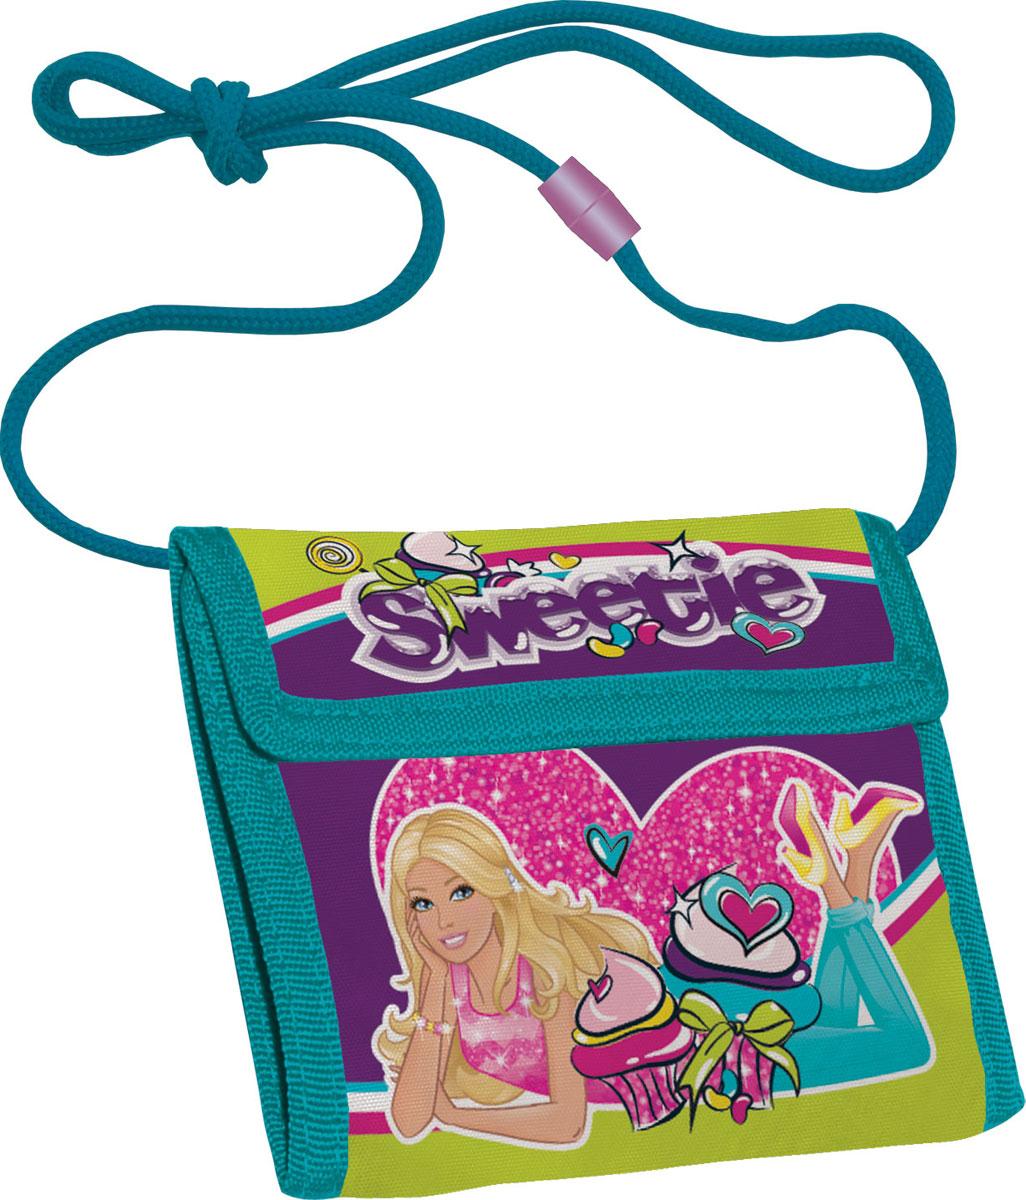 Кошелек детский Barbie, цвет: фиолетовый, бирюзовыйBRCB-MT1-022Яркий детский кошелек Barbie выполнен из полиэстера и оформлен красочным рисунком. Внутри кошелек оснащен отделением для денежных купюр и карманом на застежке-молнии. Кошелек складывается втрое и закрывается широким клапаном на липучку. На внутренней стороне предусмотрен шнурок, с помощью которого изделие можно носить через плечо или на шее. Кошелек Barbie станет надежным спутником для вашего ребенка!